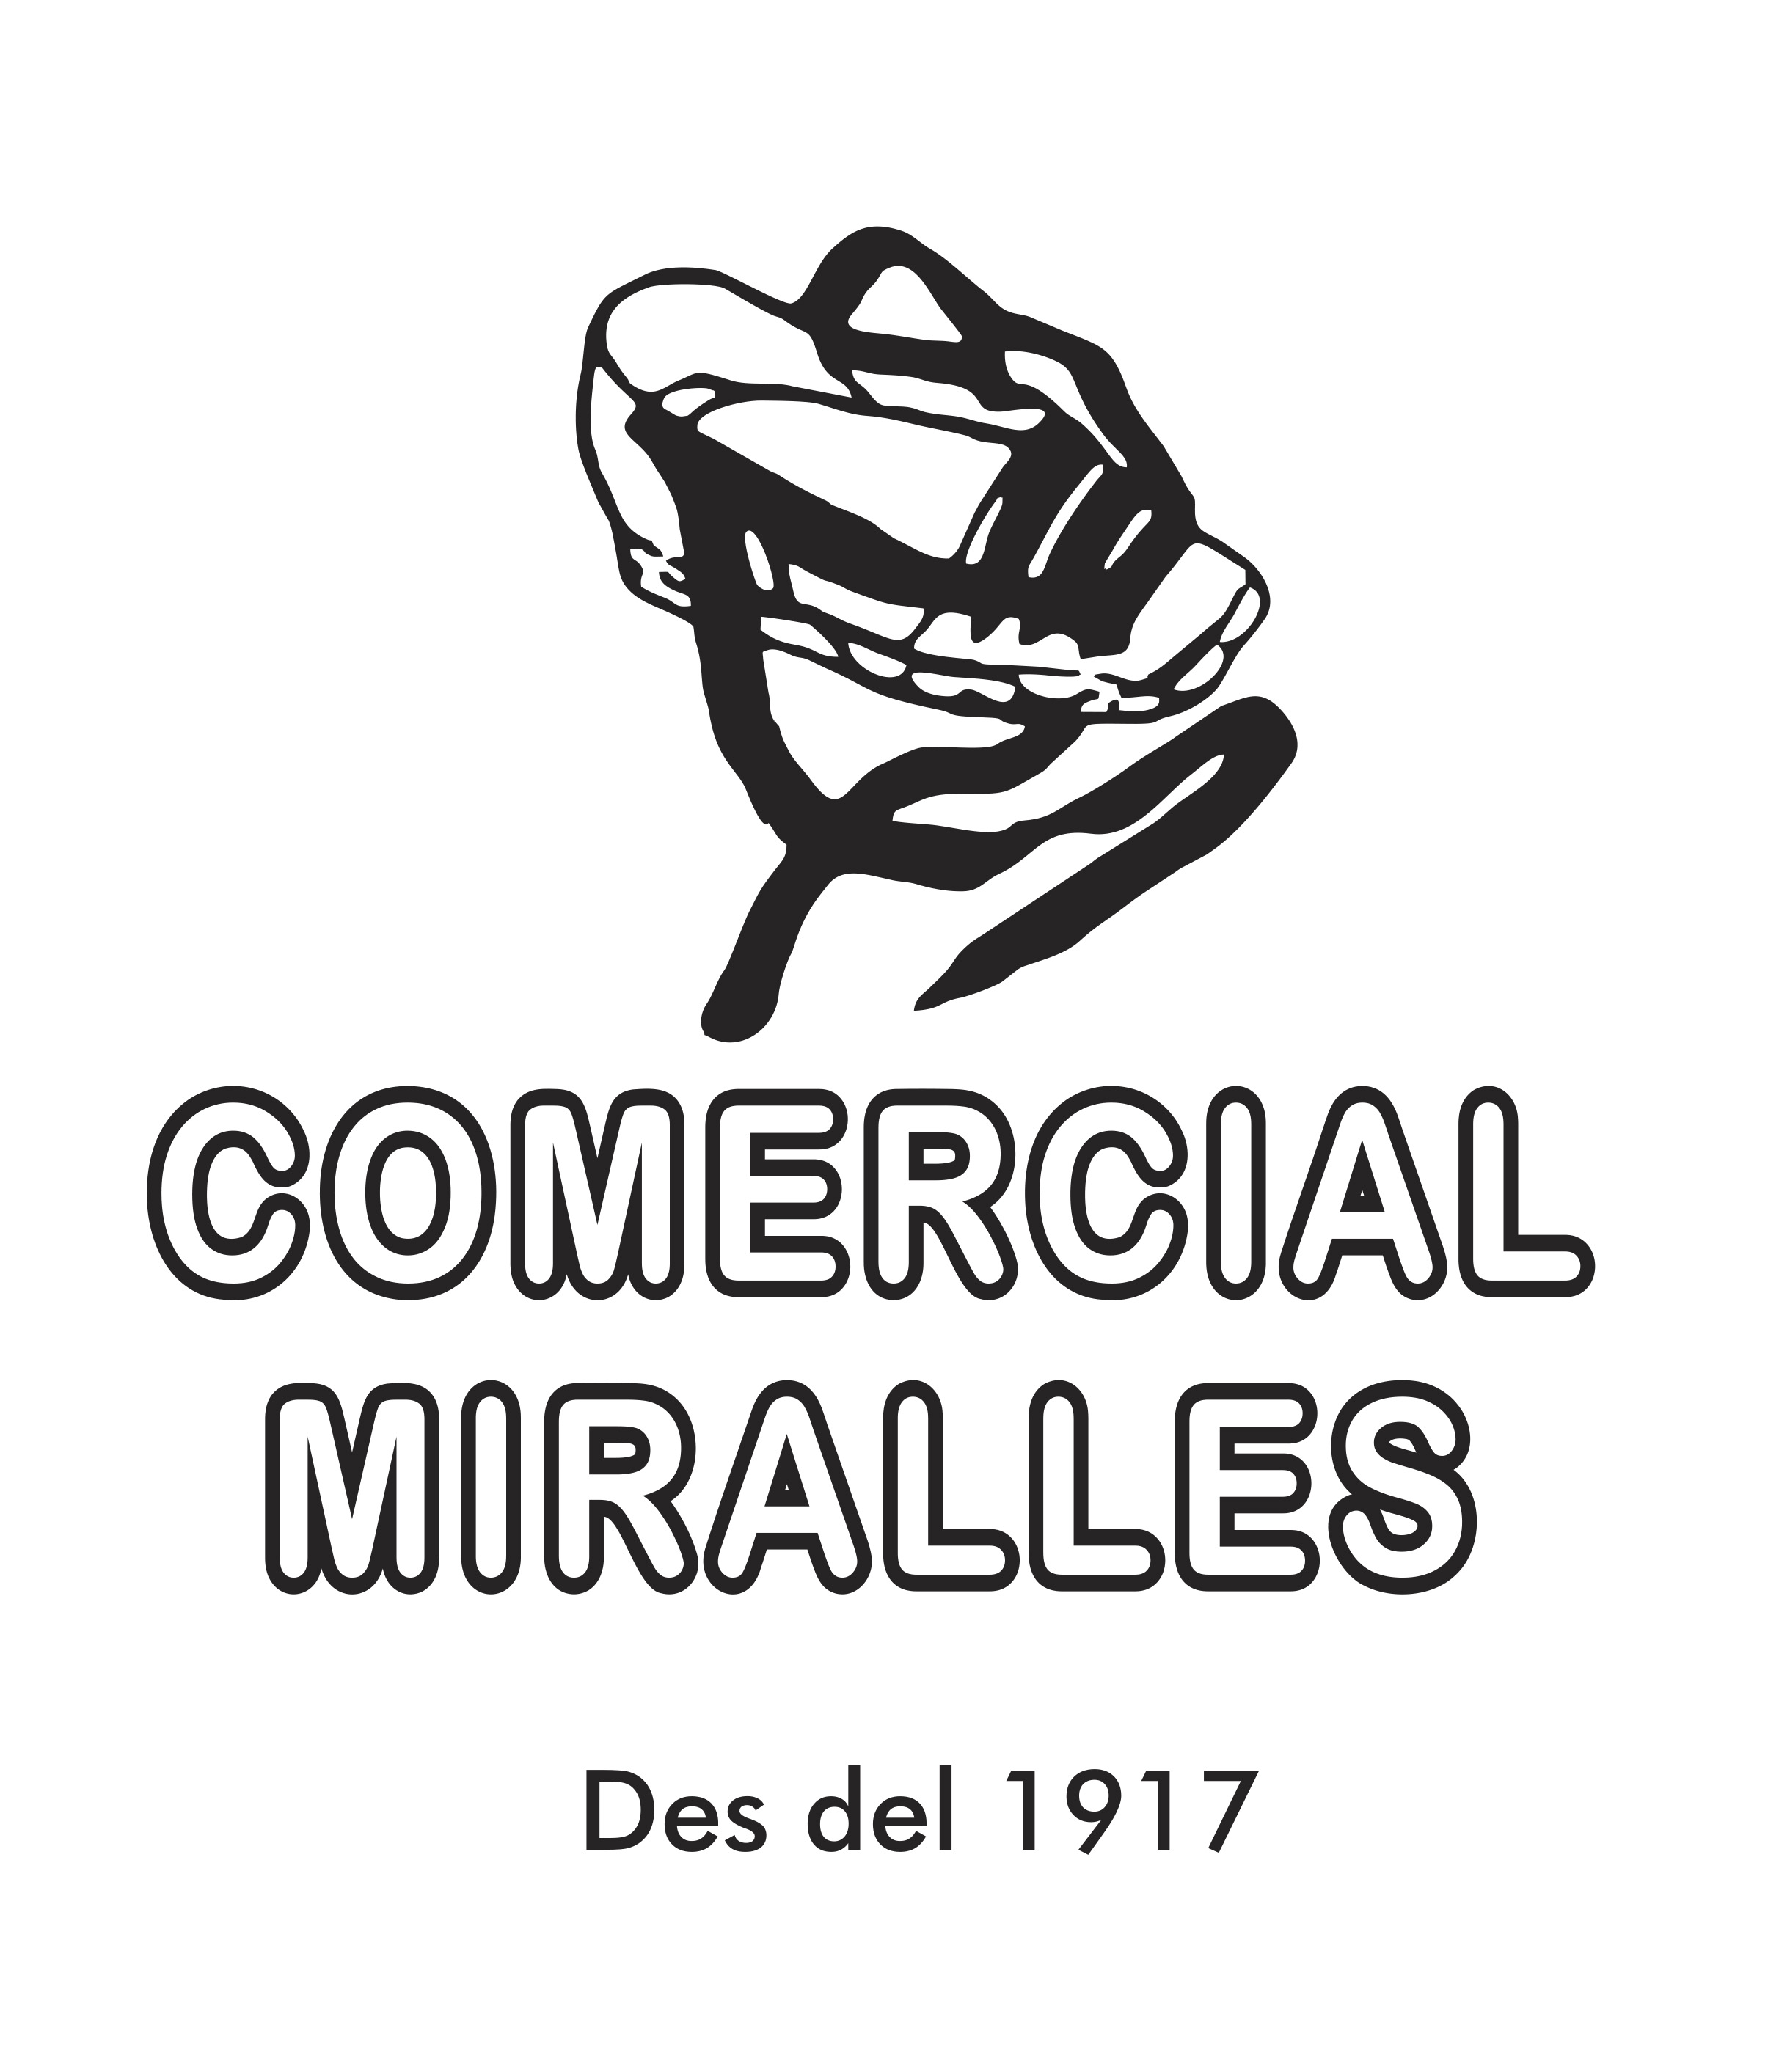 COMERCIAL MIRALLES-L'Espardenya